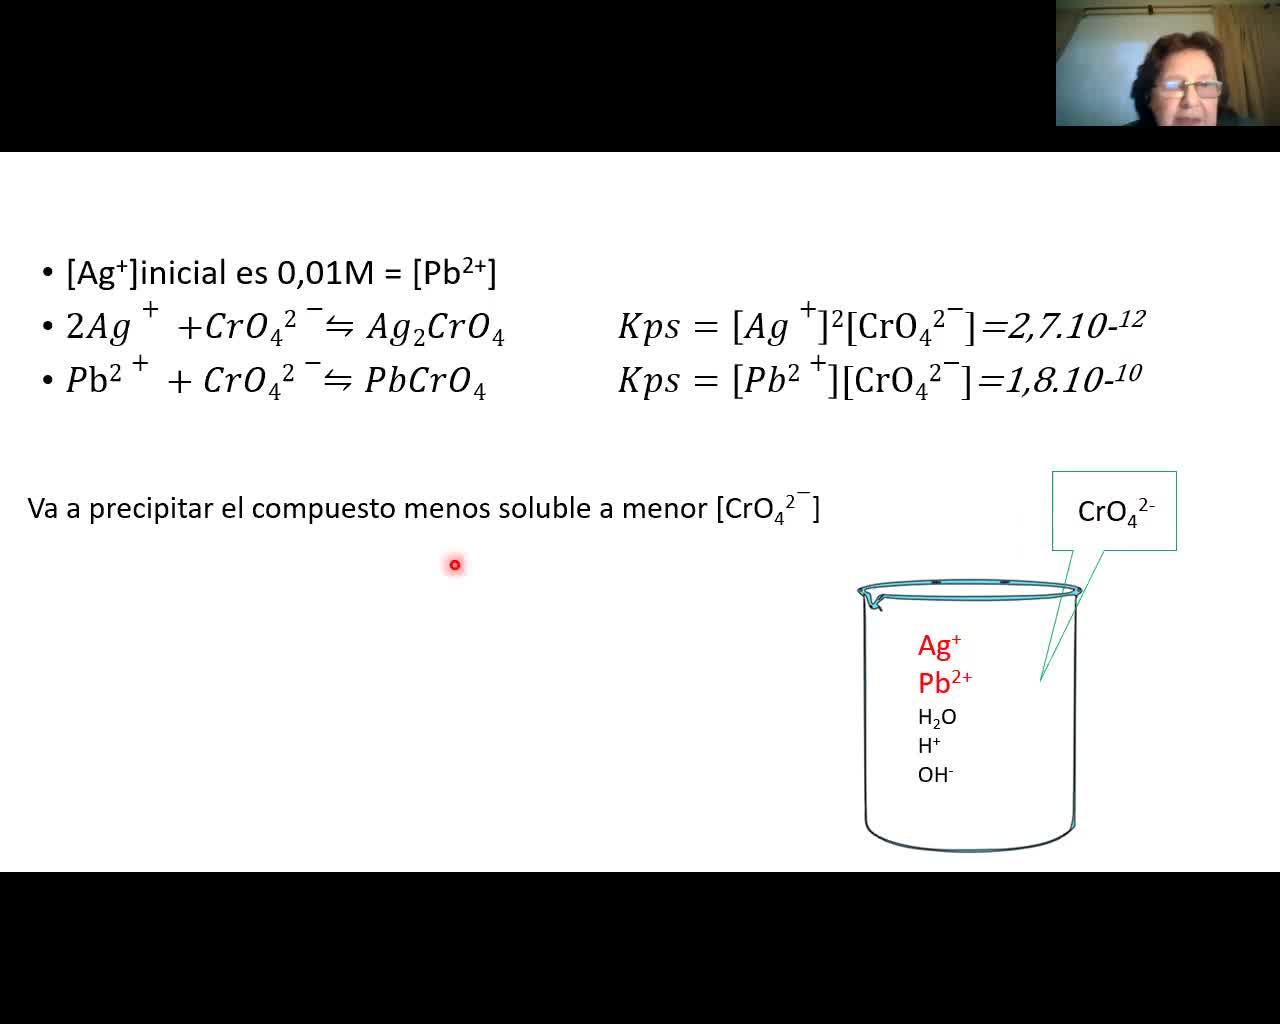 U3- teoria de equilibrio de solubilidad